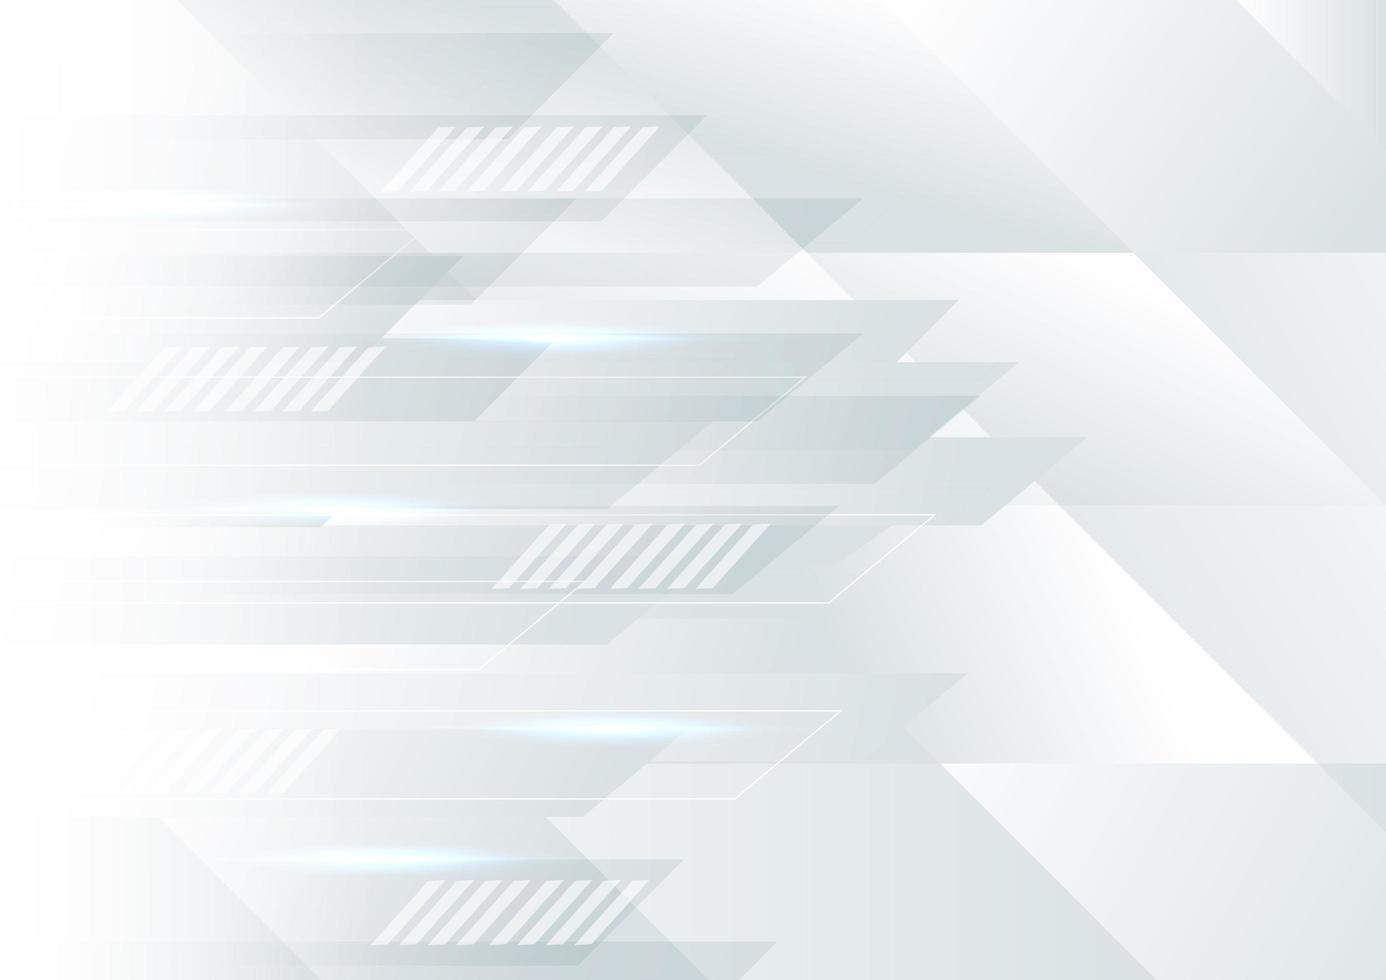 sfondo in movimento geometrico astratto bianco e grigio vettore